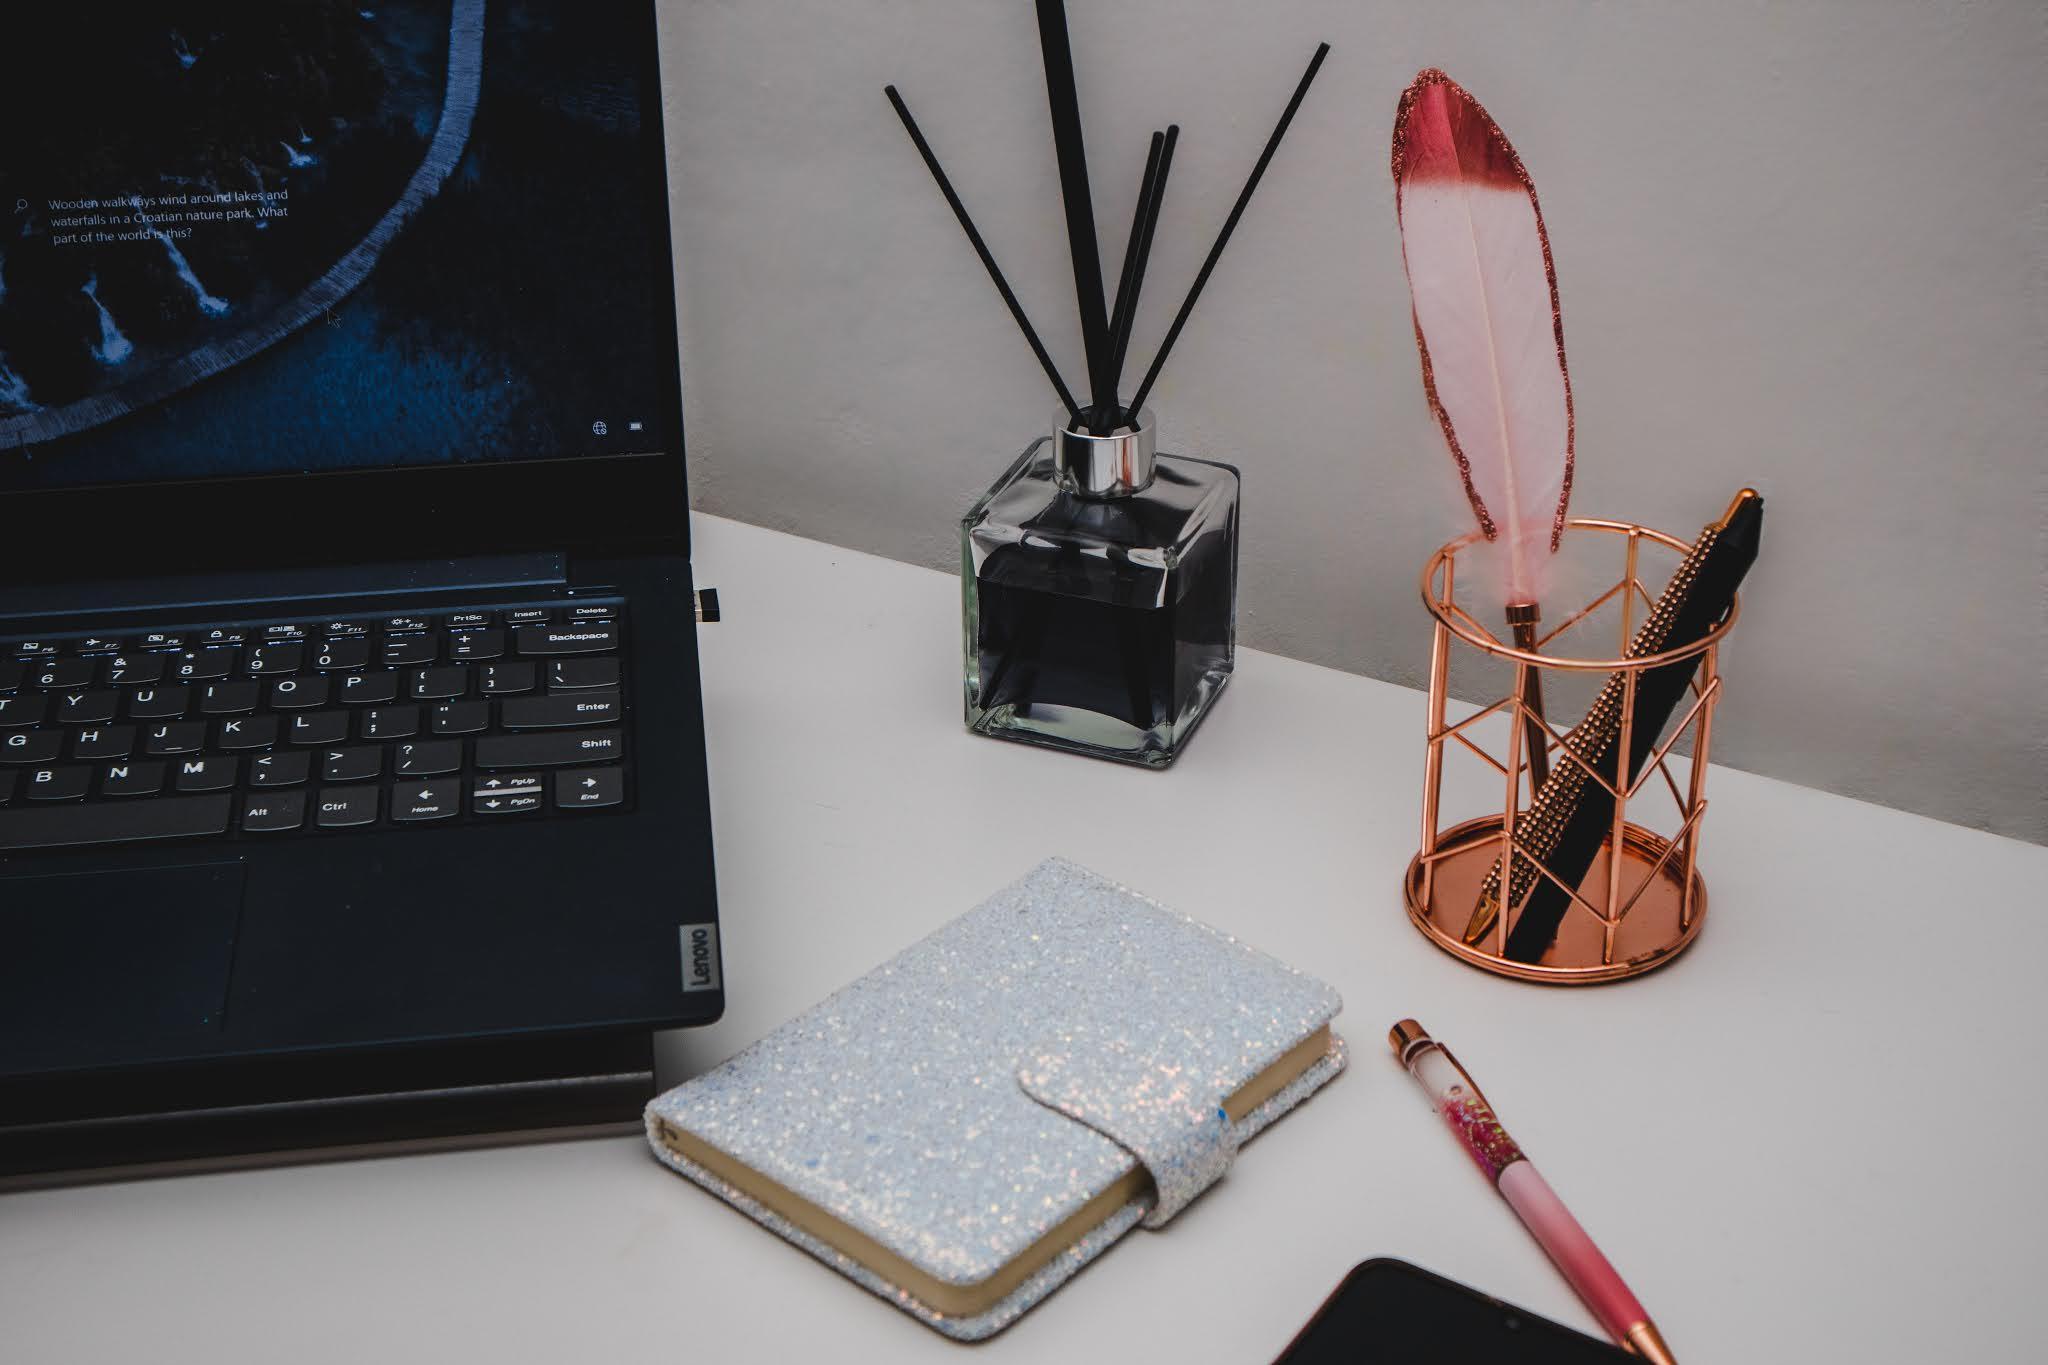 Tips Cara Menulis CopyWriting Yang Baik dan Menarik